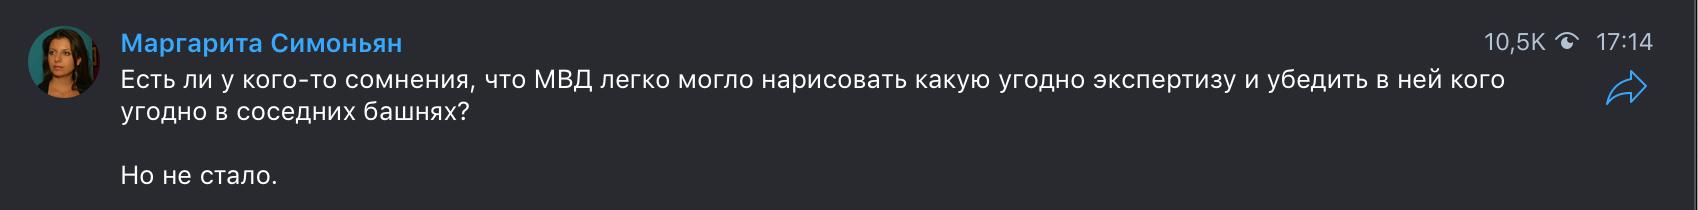 Screenshot 2019-06-11 at 23.02.44.png